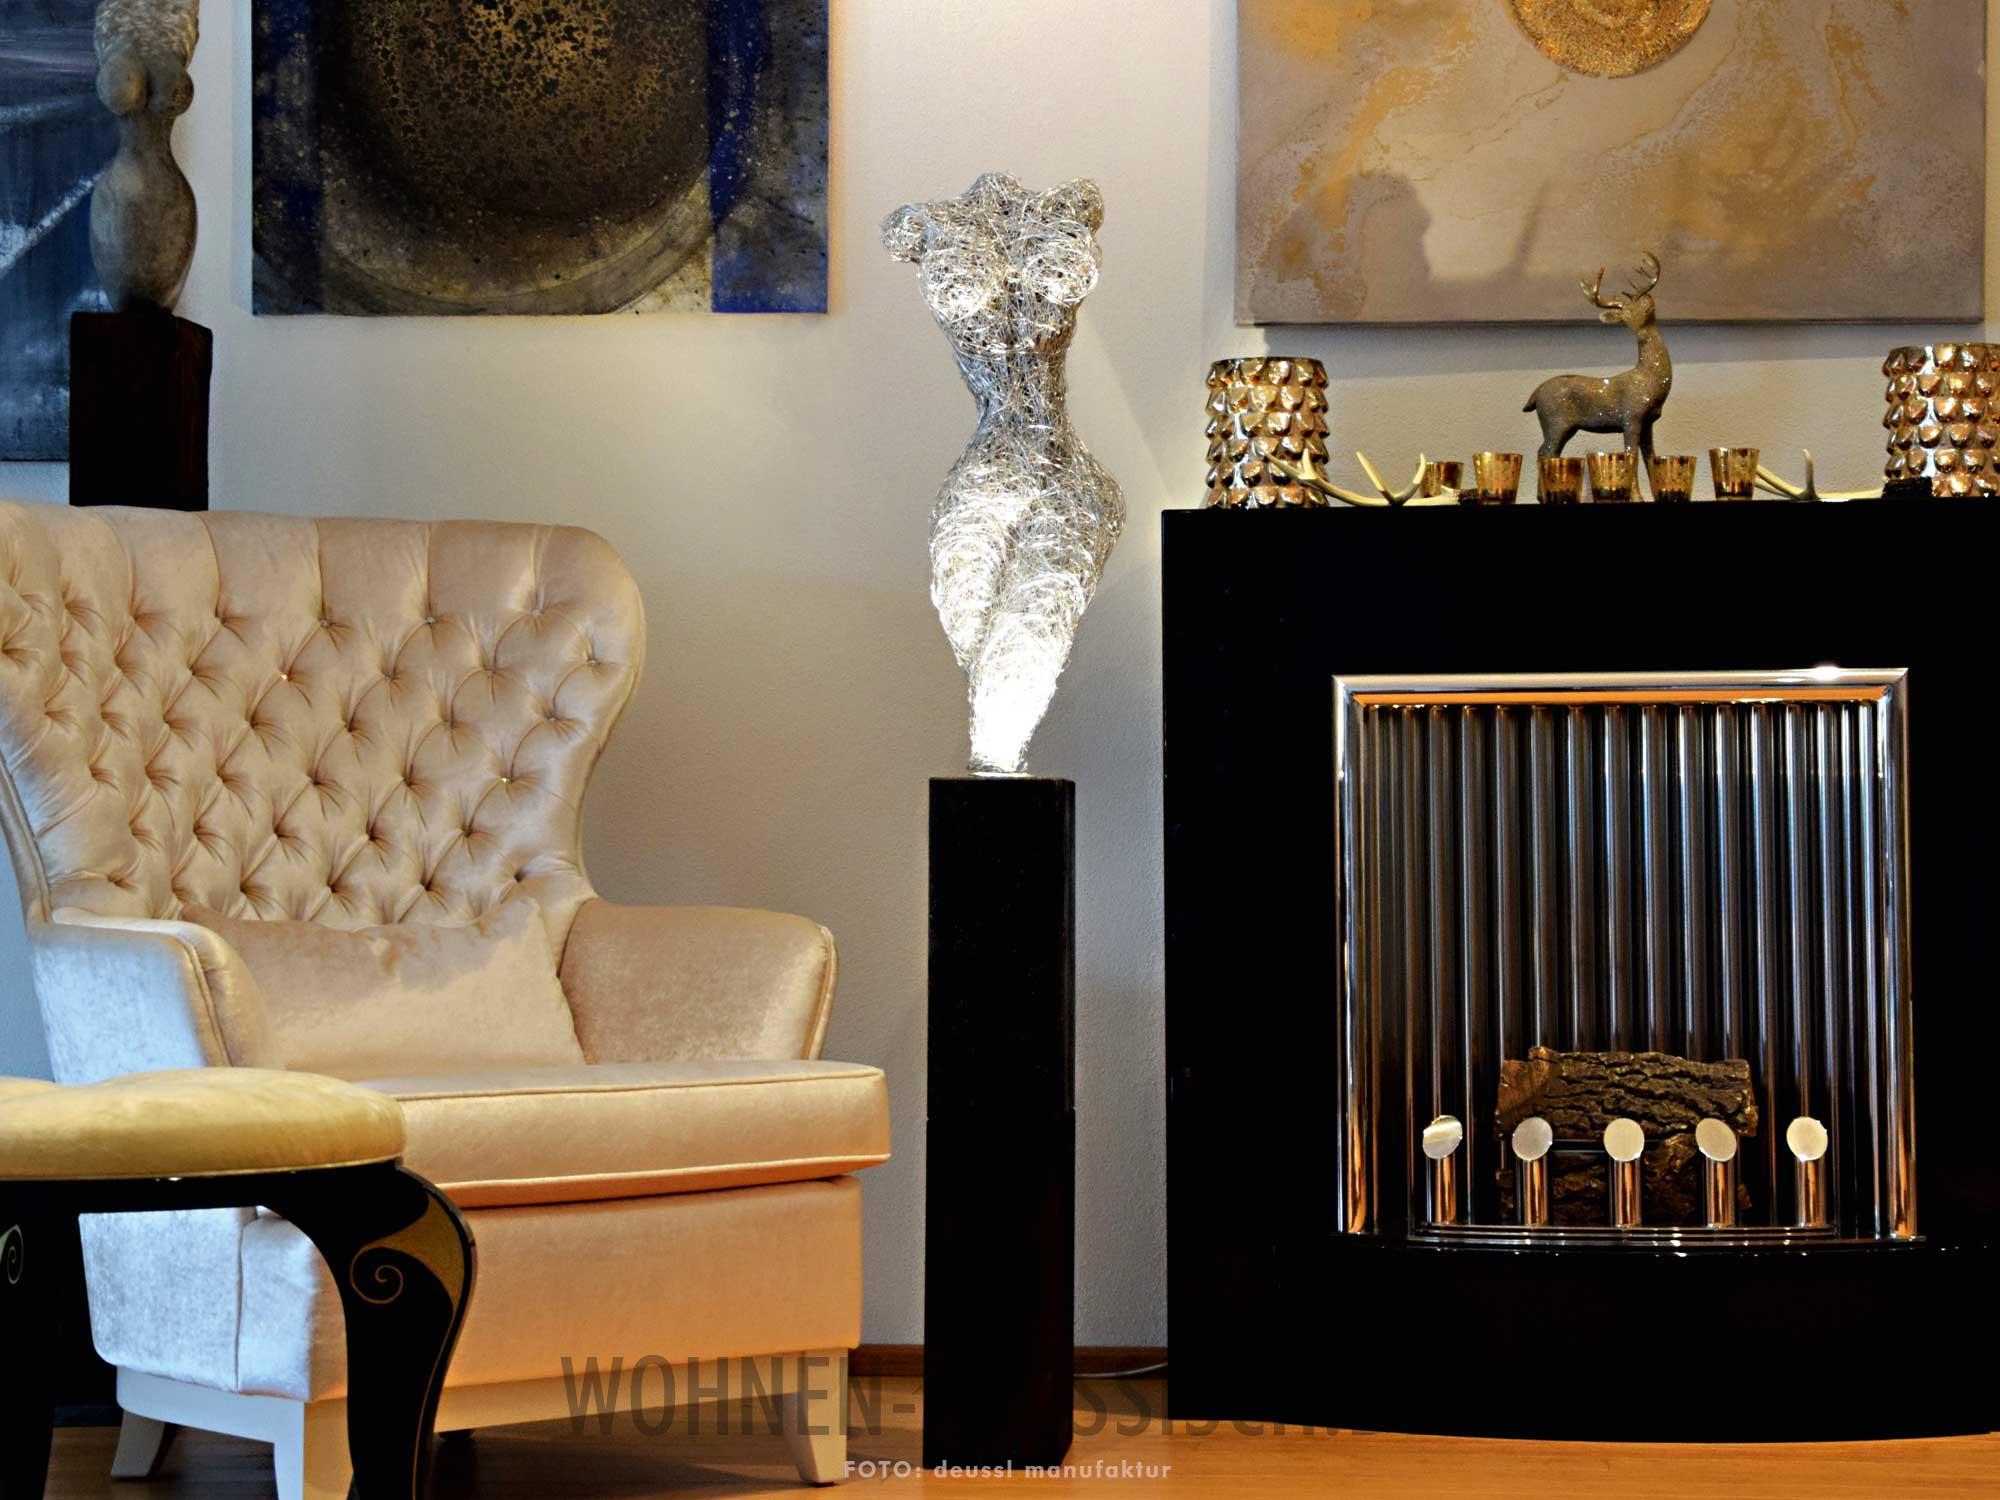 kunstlicht skulpturale eleganz klassisch wohnen. Black Bedroom Furniture Sets. Home Design Ideas